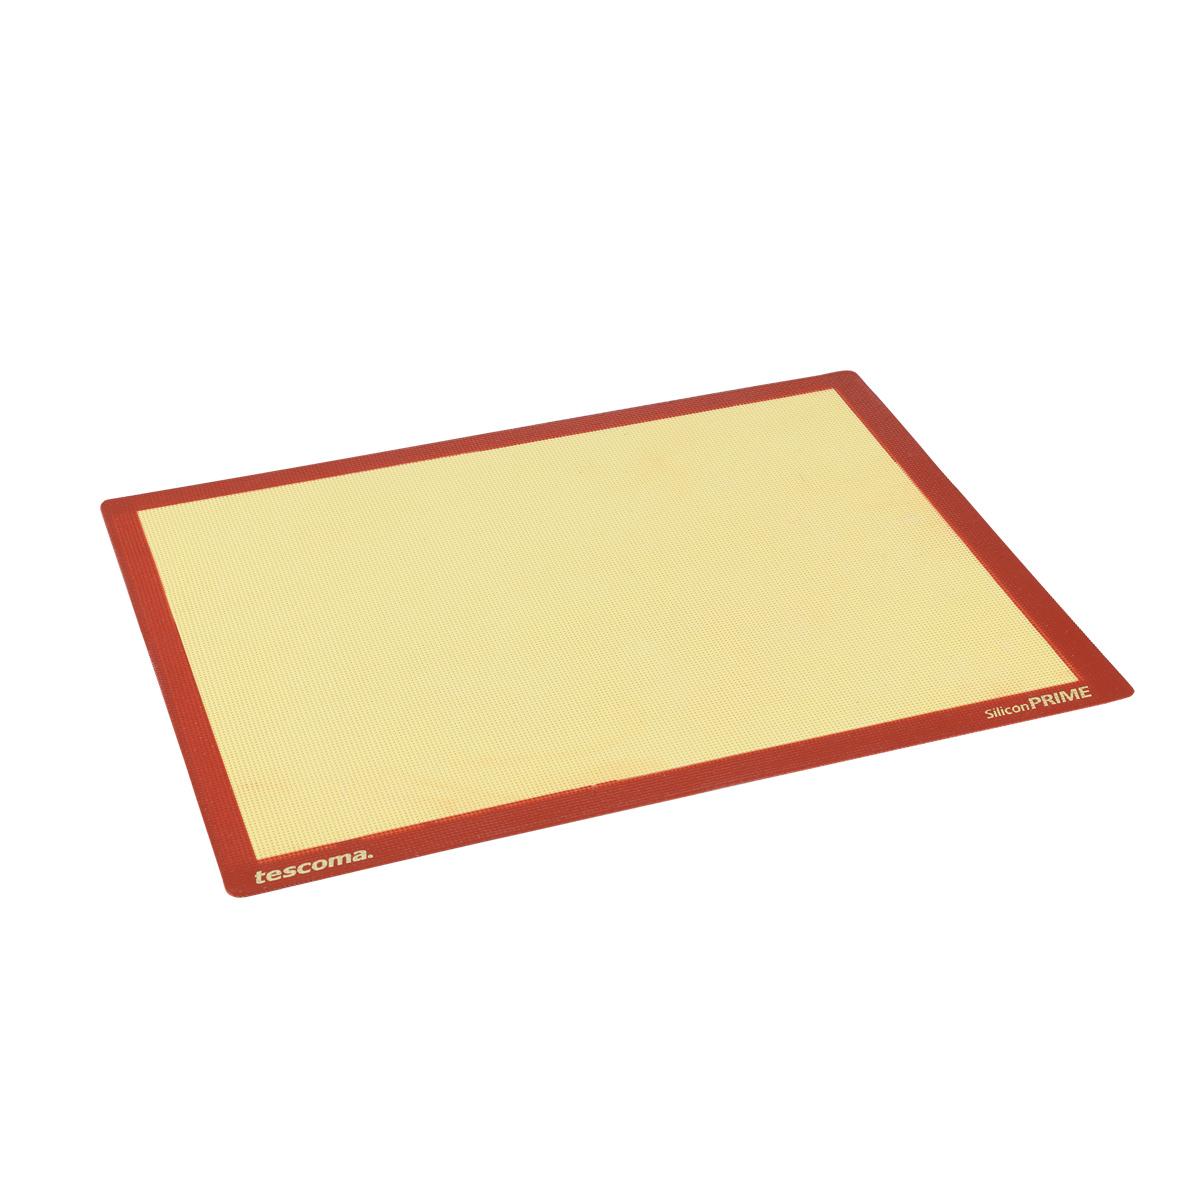 Pečicí podložka DELÍCIA SiliconPRIME 40 x 30 cm, perforovaná